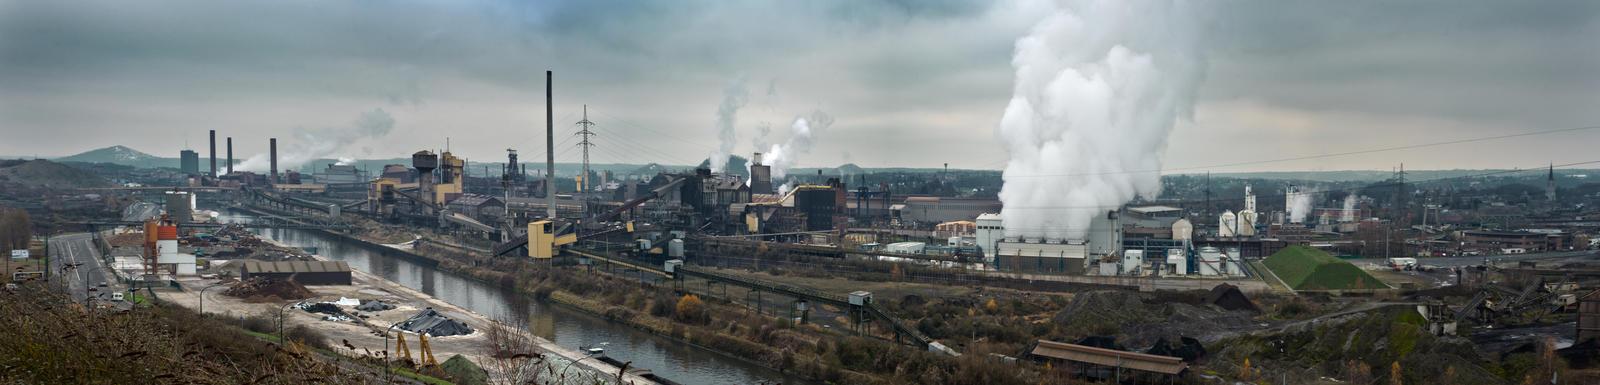 Industrial by CyrnicUrbex